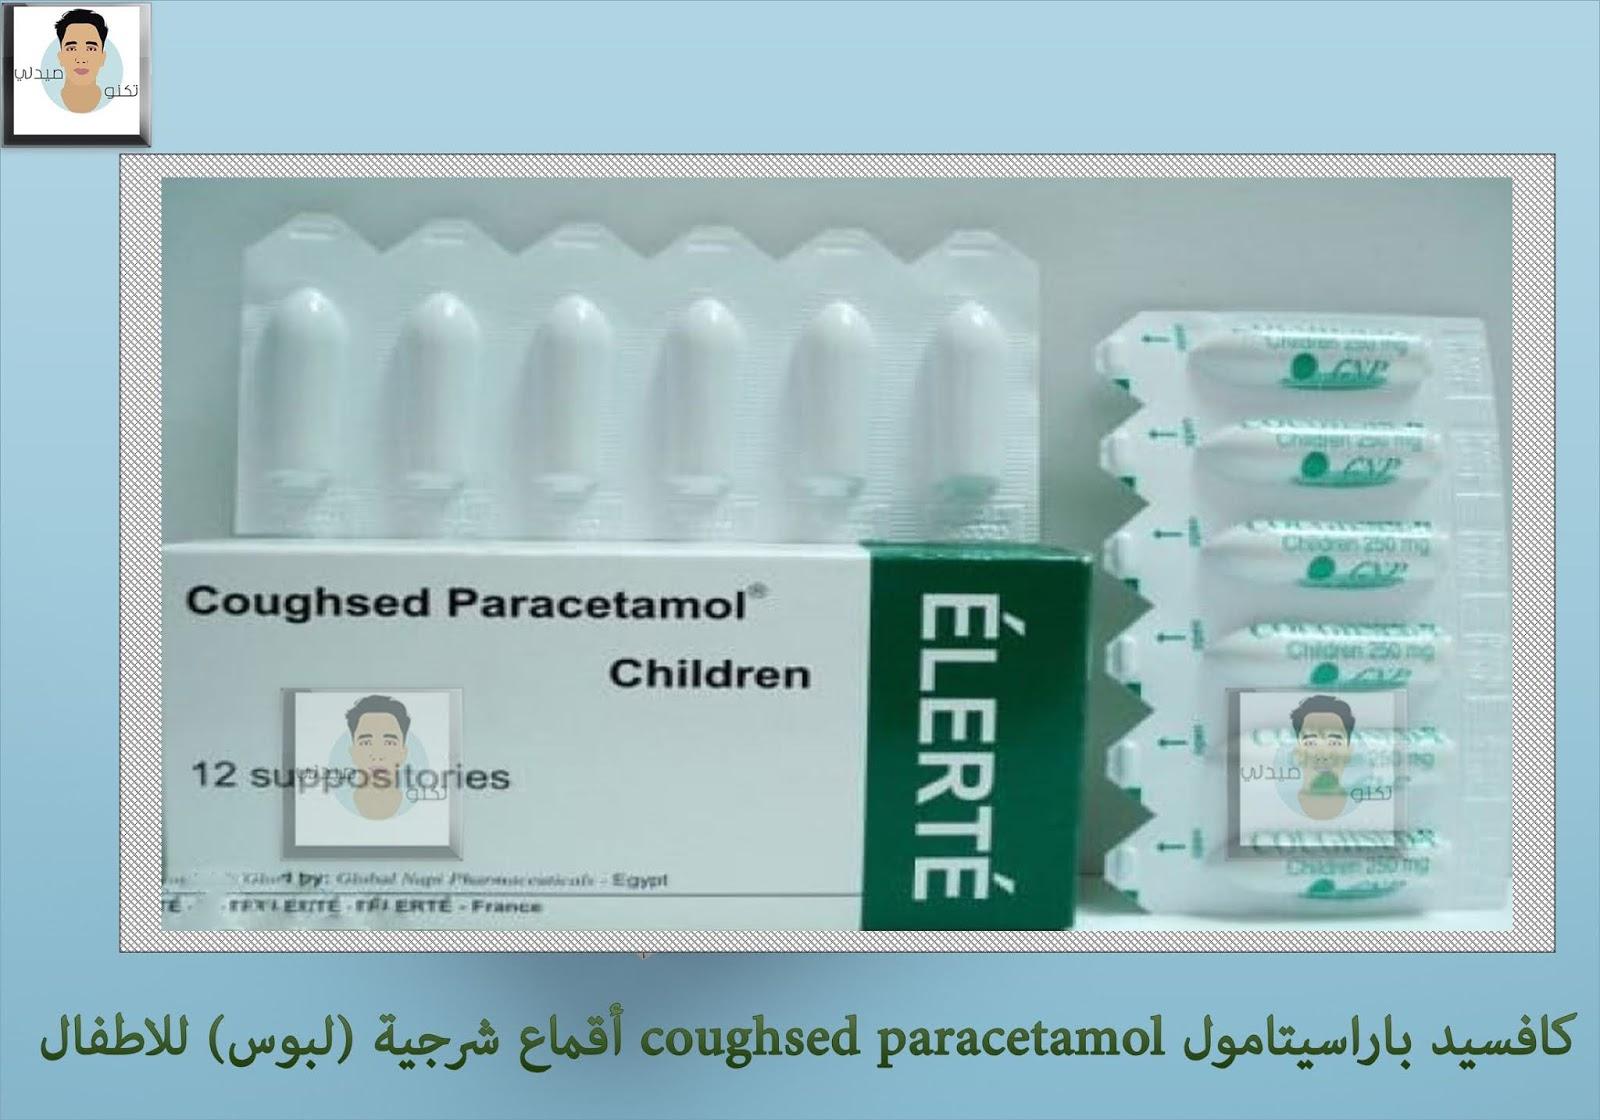 كافسيد باراسيتامول coughsed paracetamol خافض للحرارة للاطفال